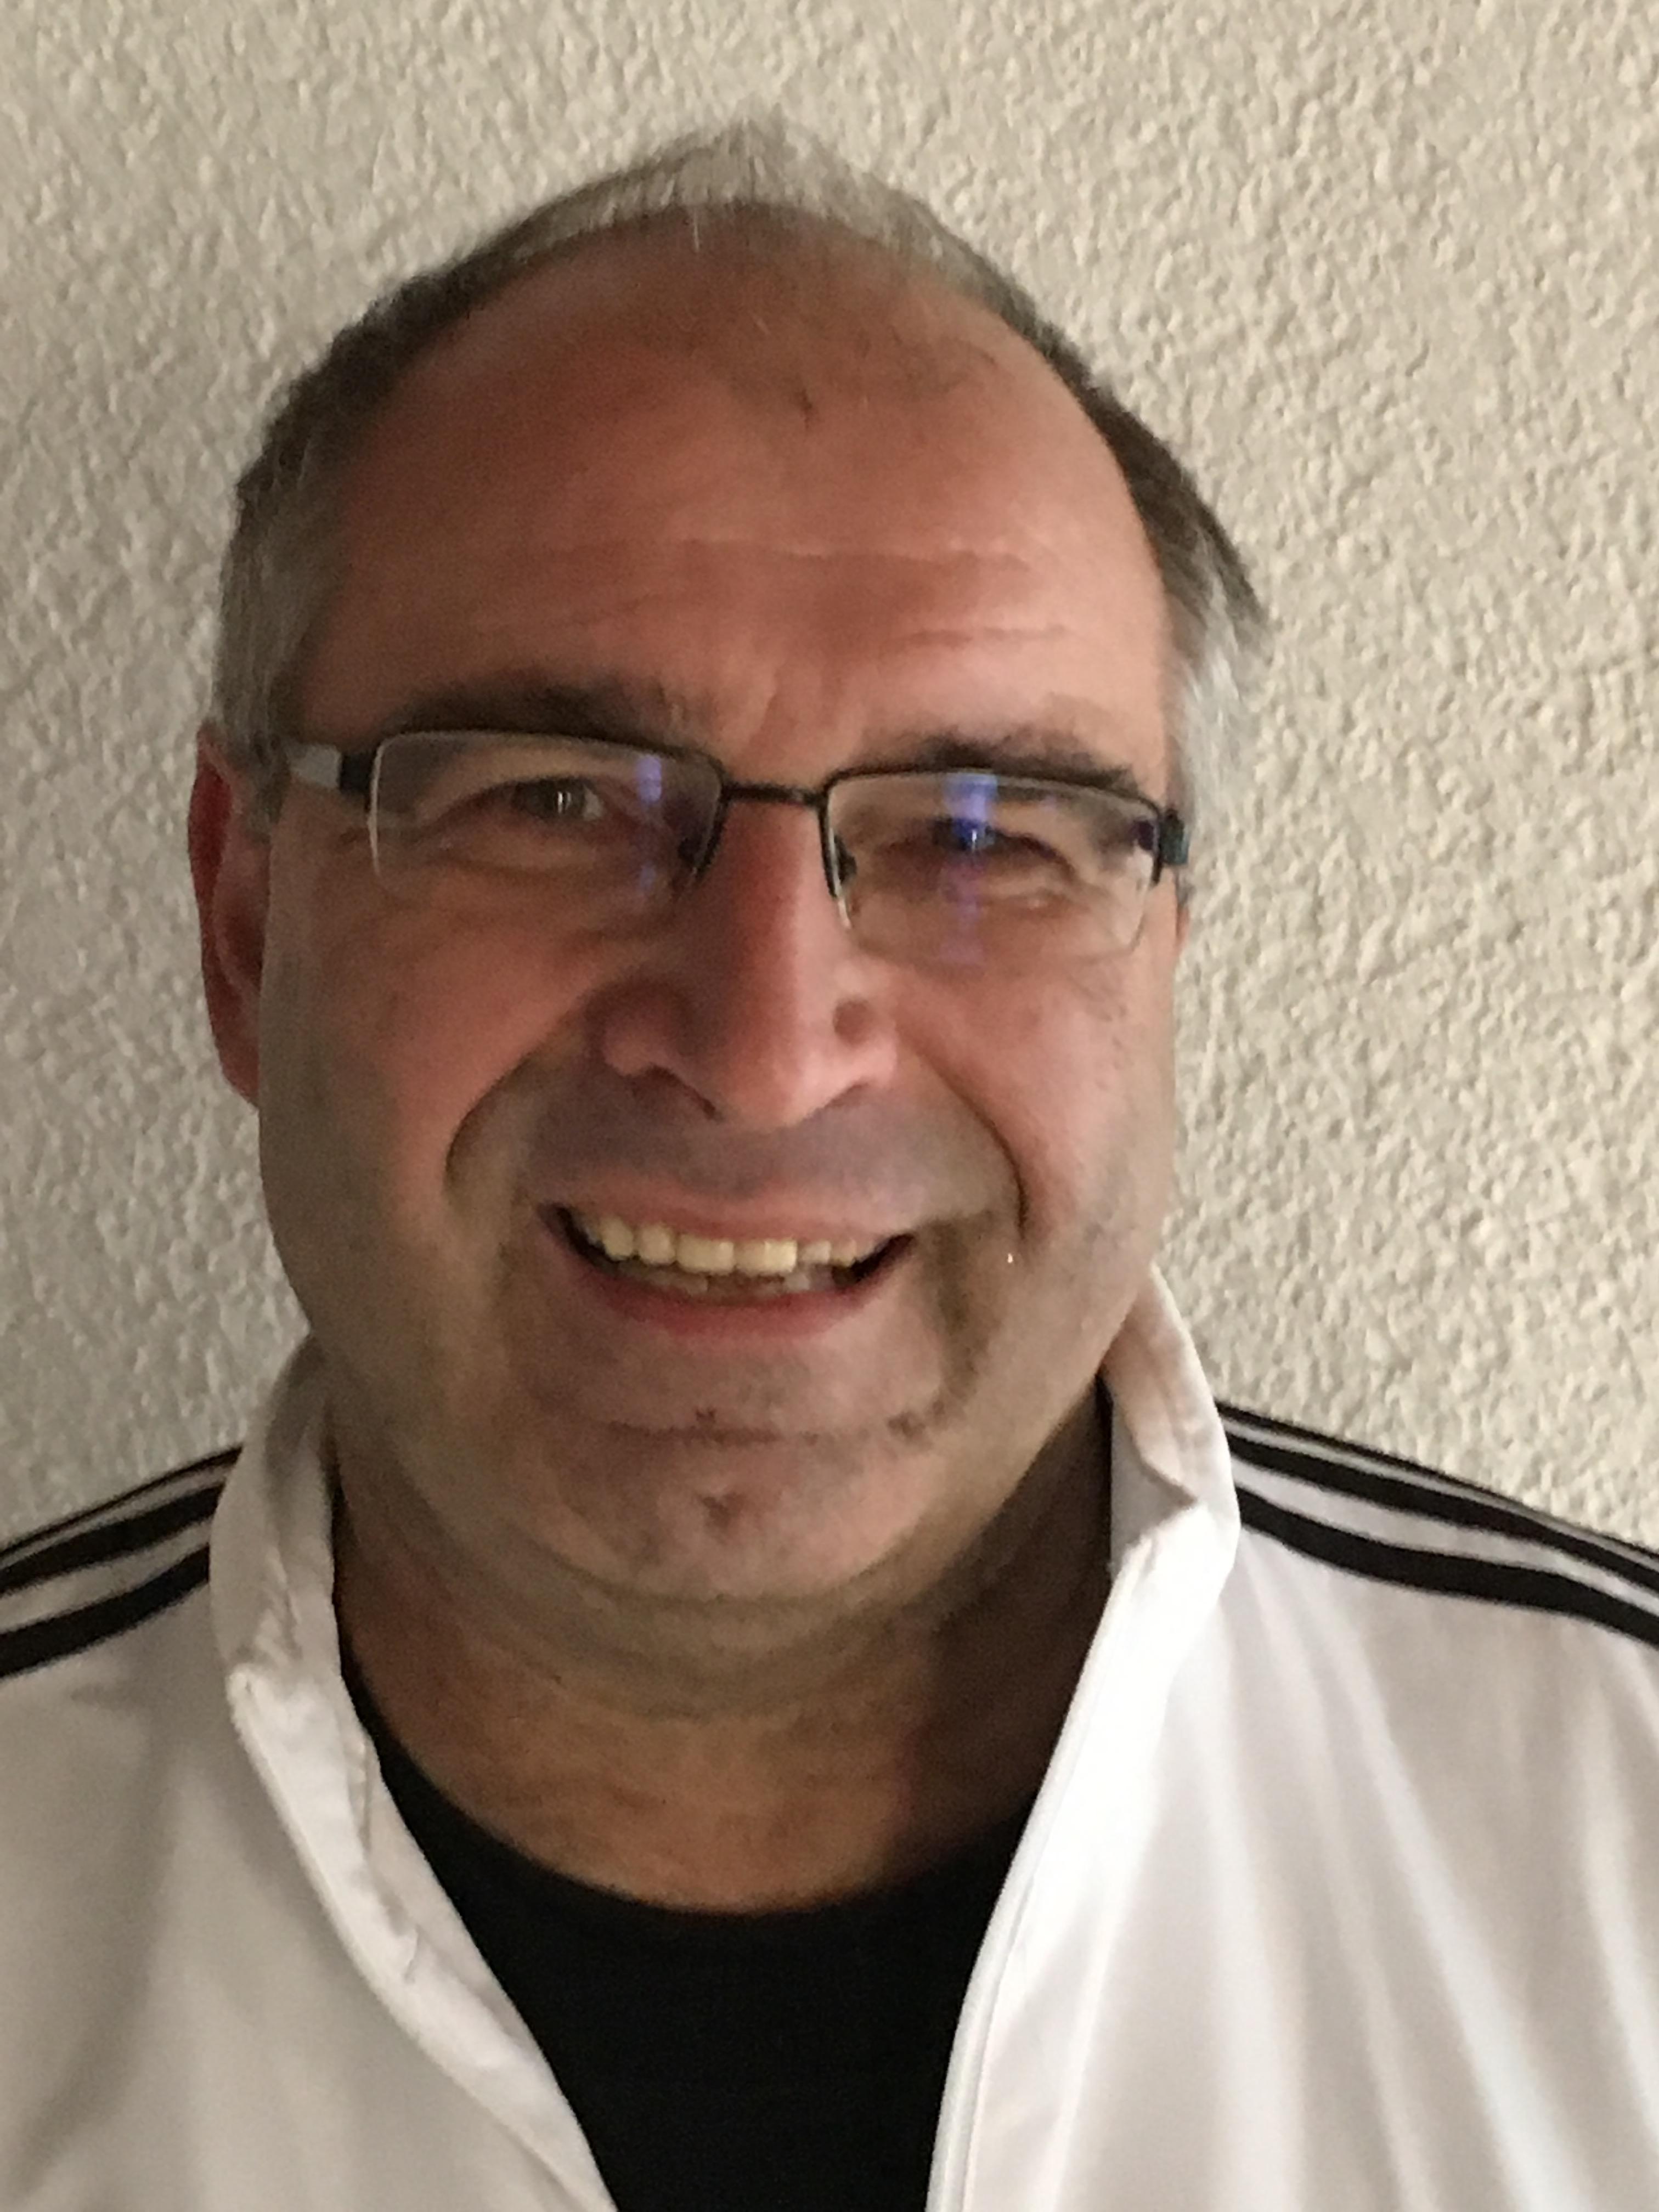 Thomas Wetzstein